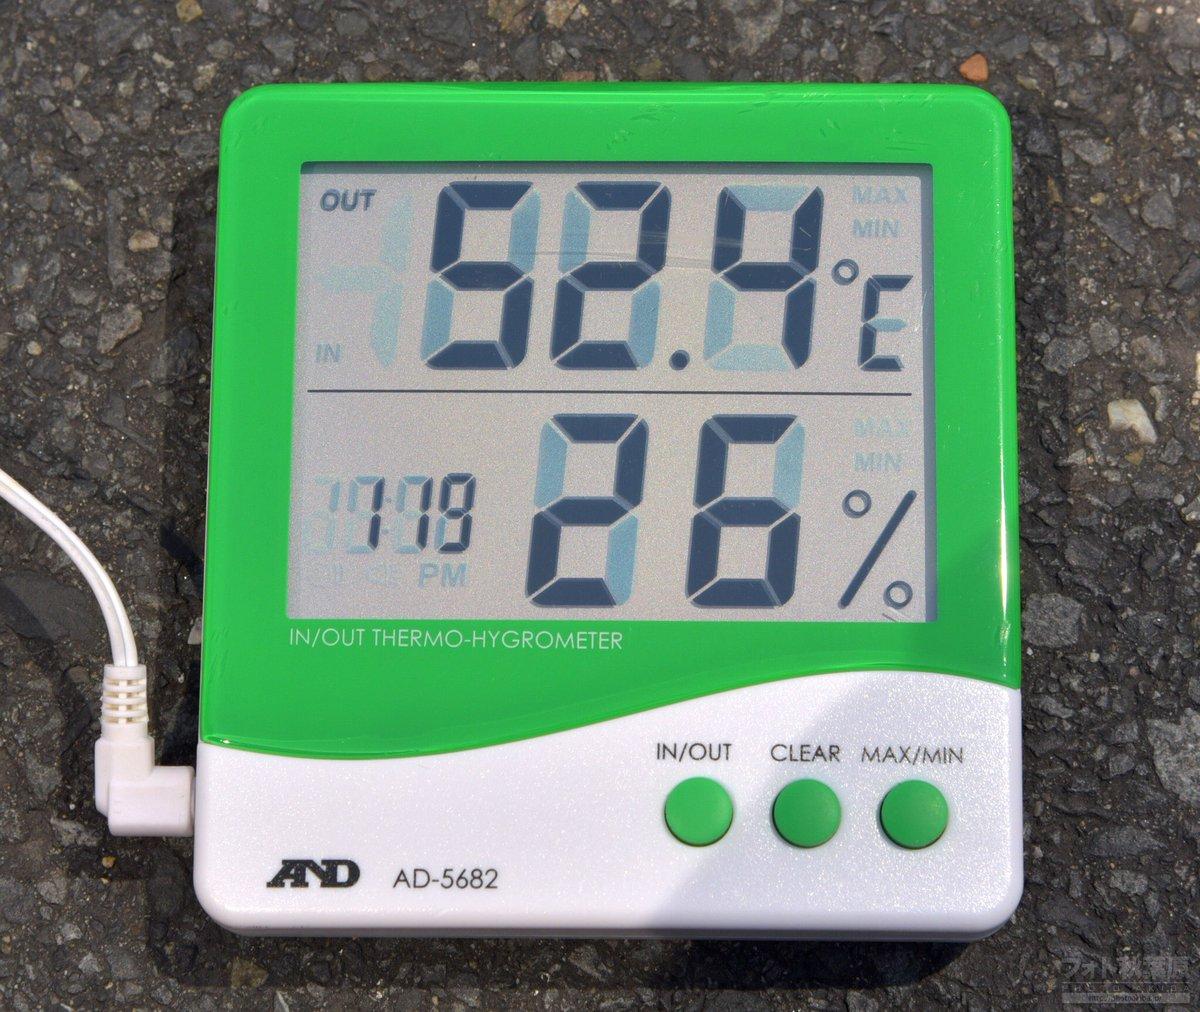 現在の秋葉原は歩行者天国が始まりした。大変な暑さでアスファルト表面温度は…なんと52.4℃! 湿度は…